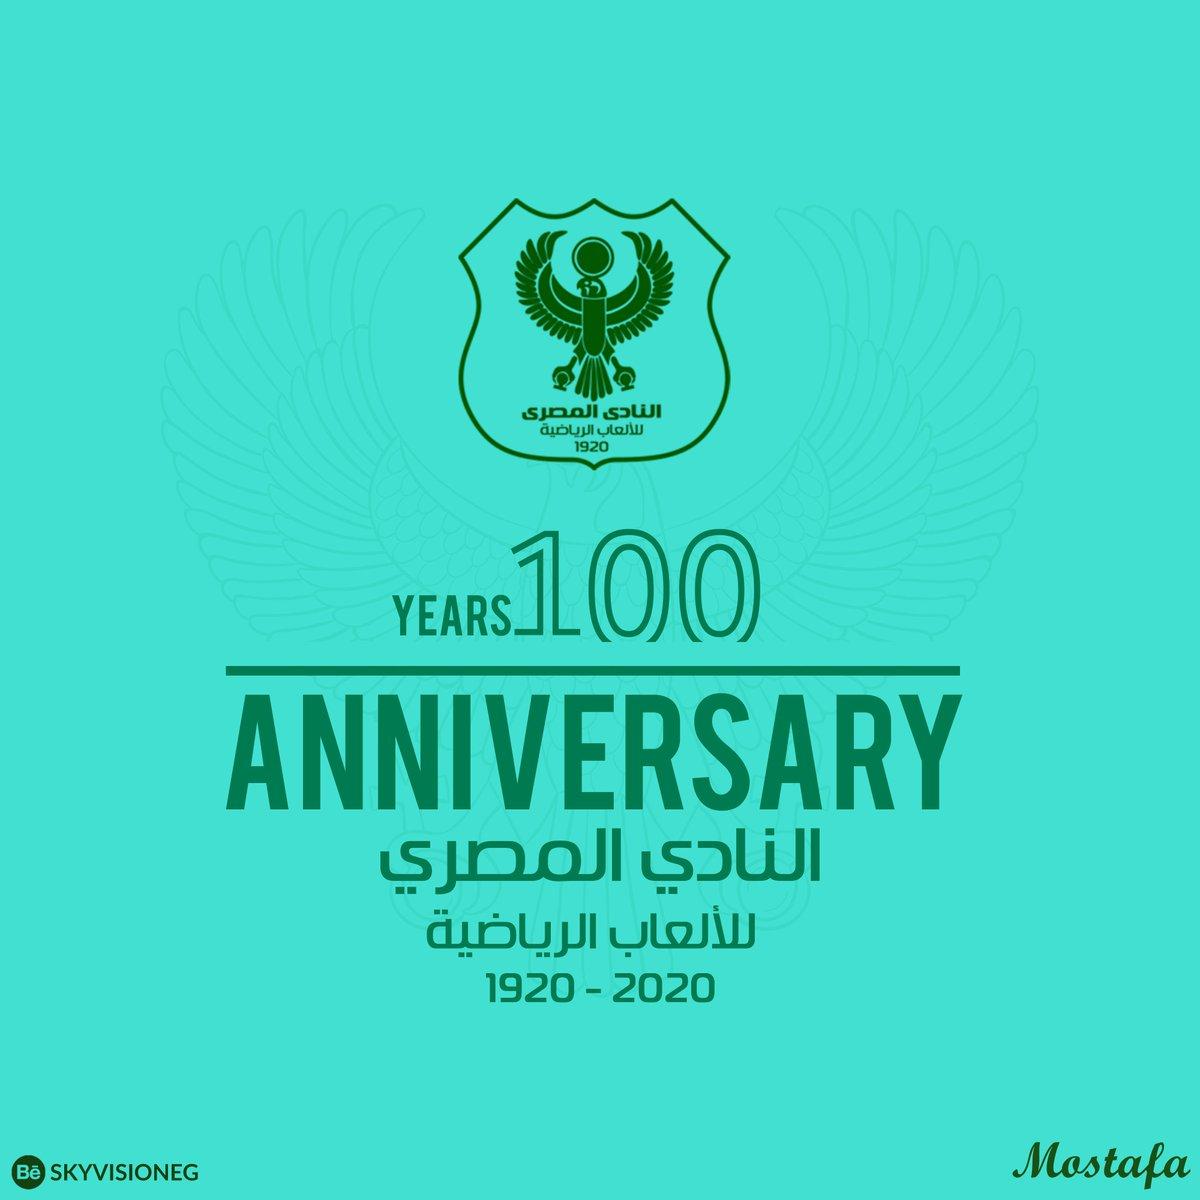 نادي المصري البورسعيدي @AlMasrySC #ALMASRY#المصري  #مئوية_المصري #100years #بورسعيد3-3